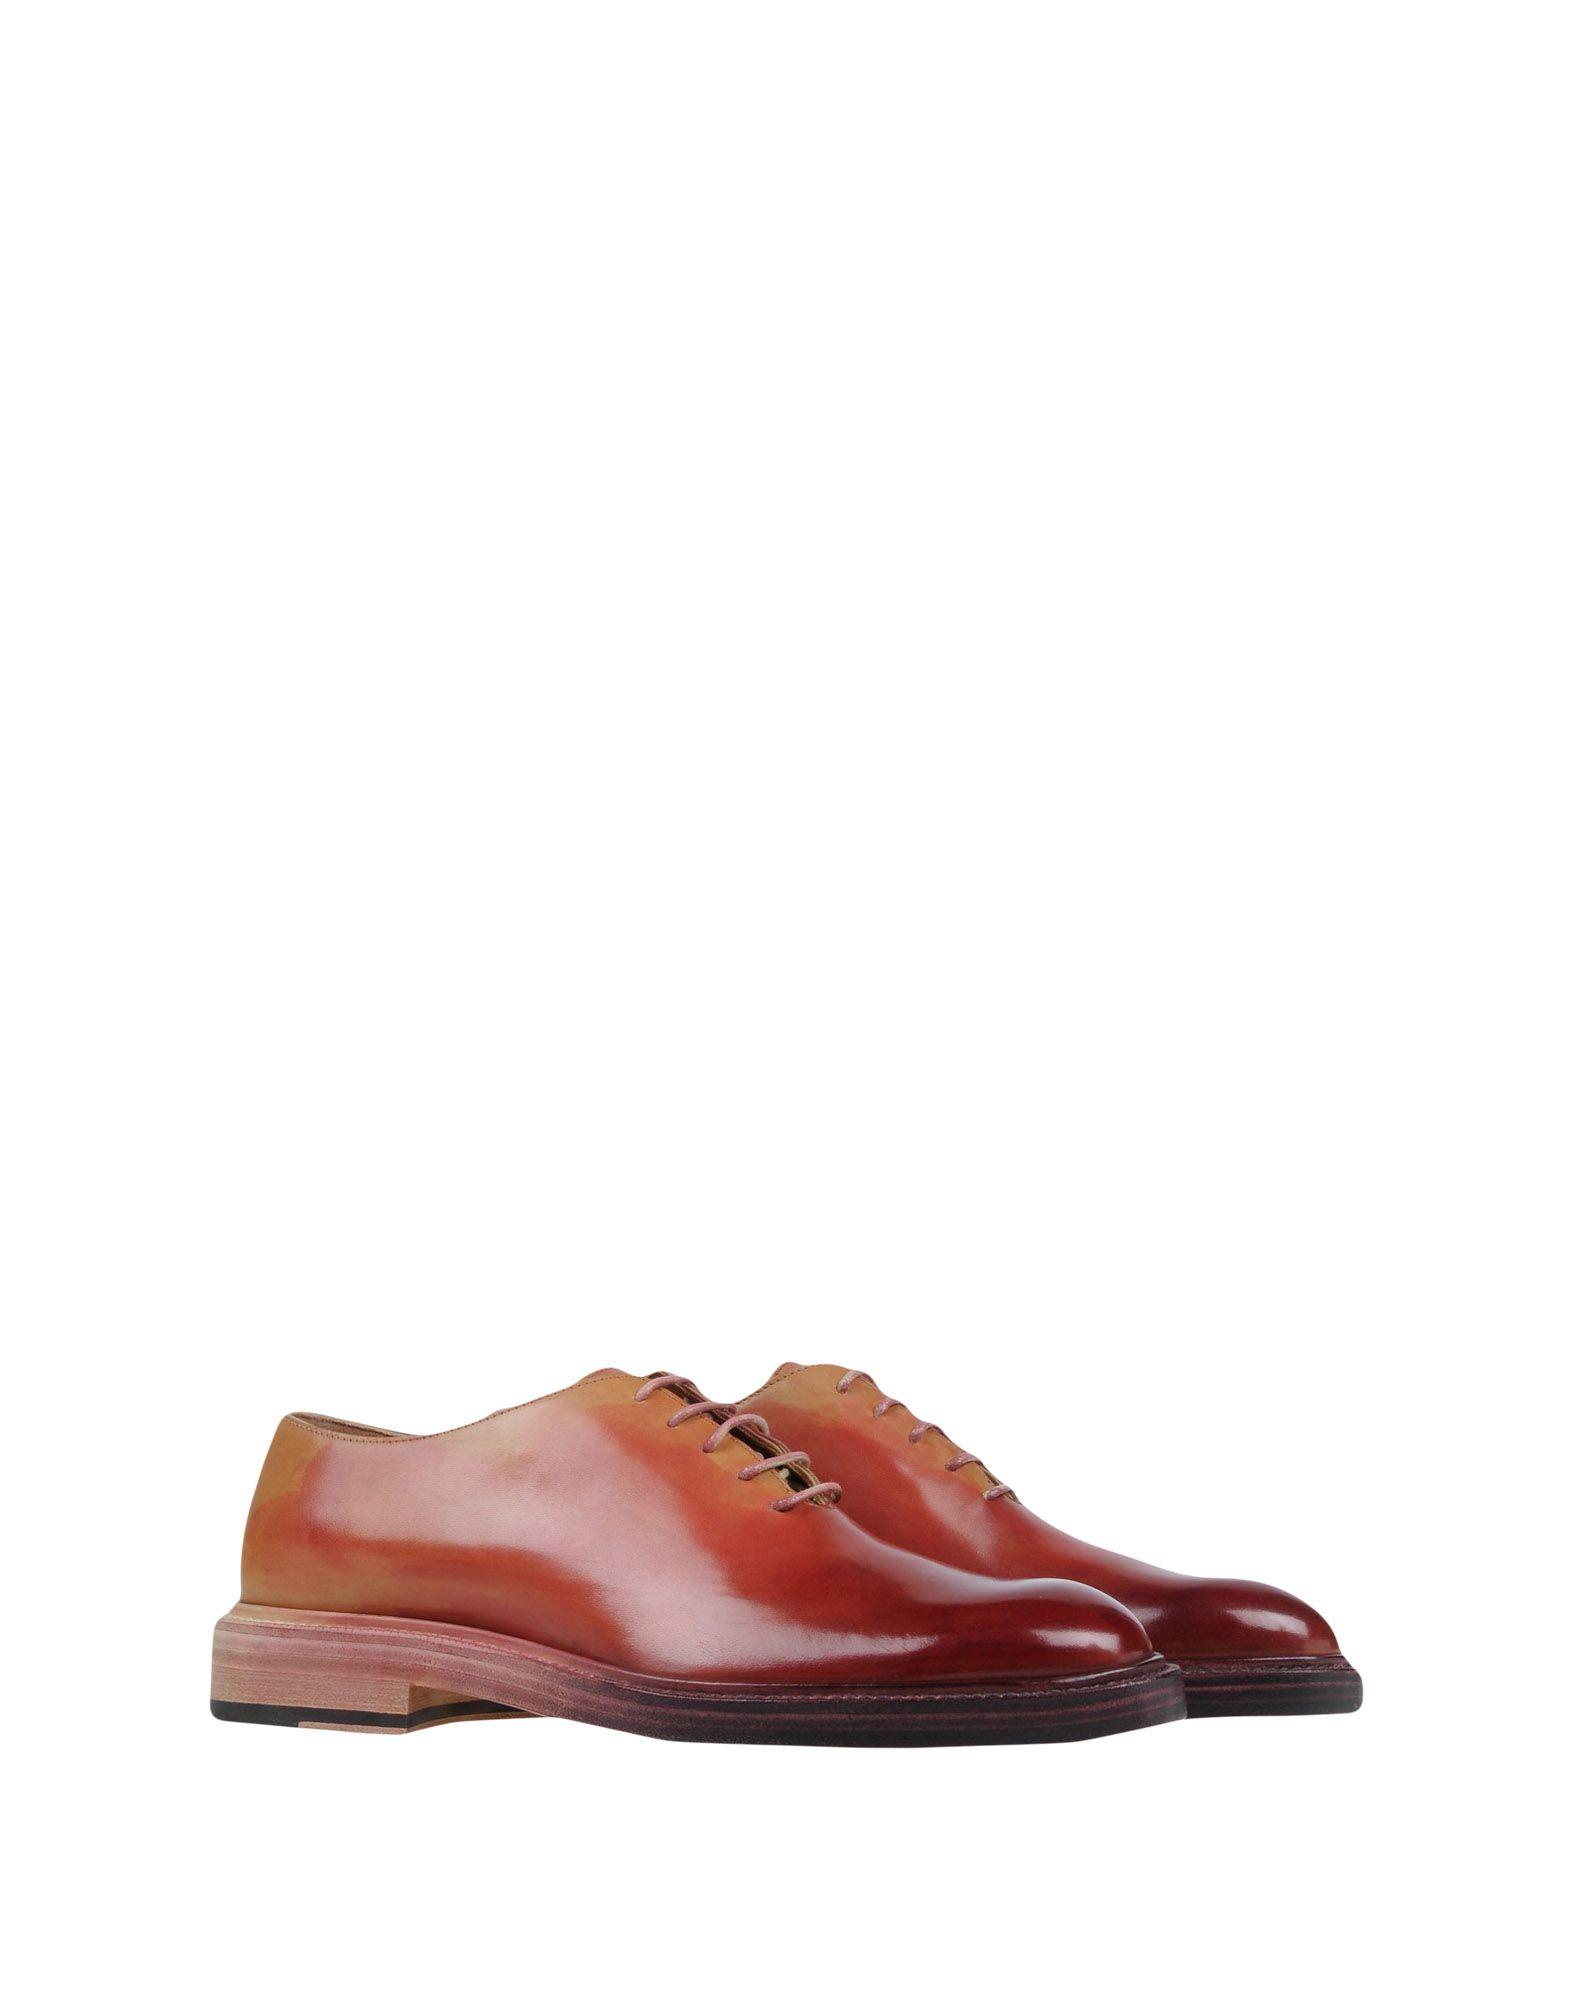 Maison Margiela Schnürschuhe Herren beliebte  11471868TR Gute Qualität beliebte Herren Schuhe fc4835